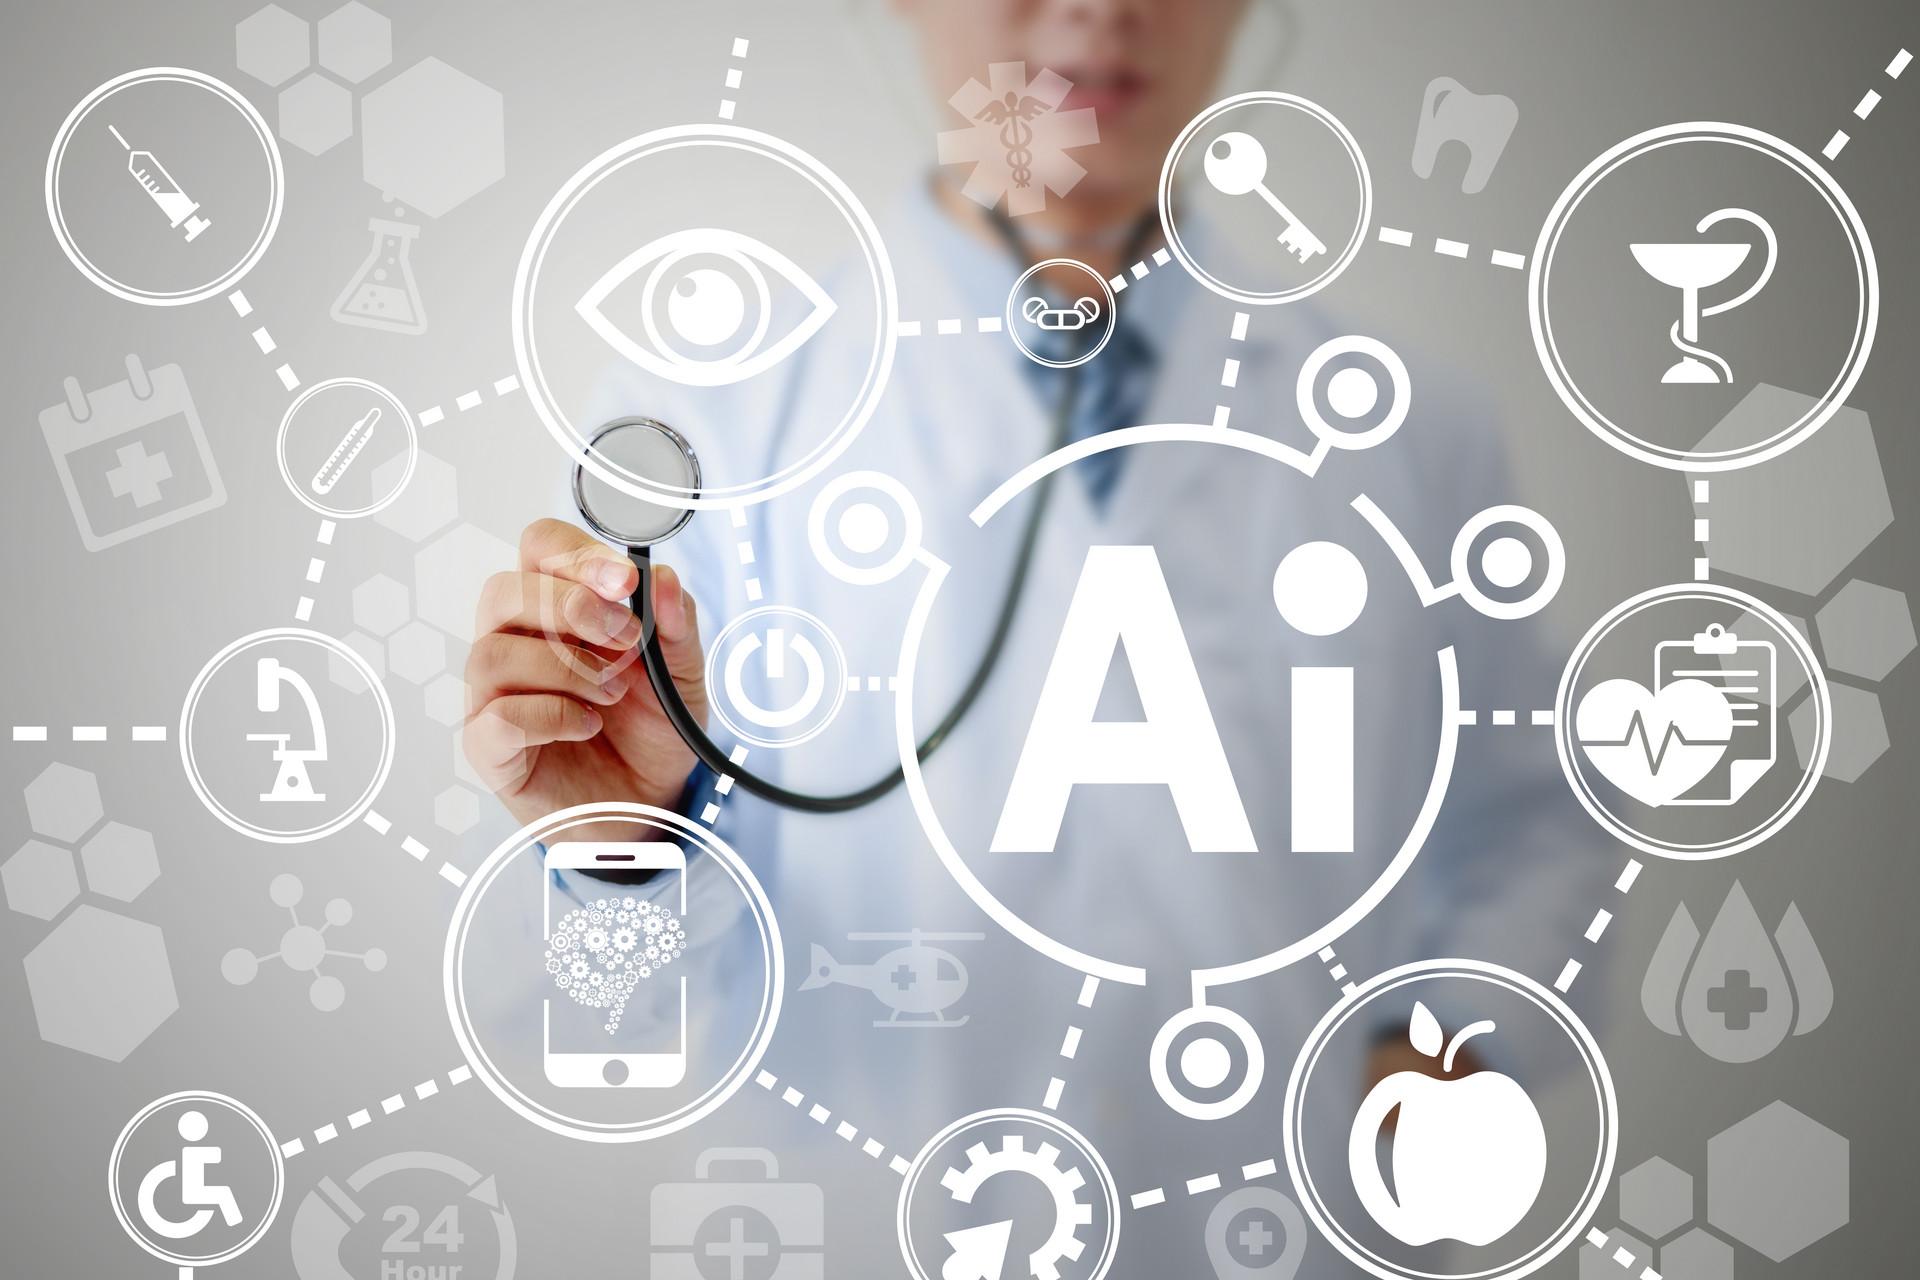 妙健康刘邦长:AI健康管理师让用户做到主动健康